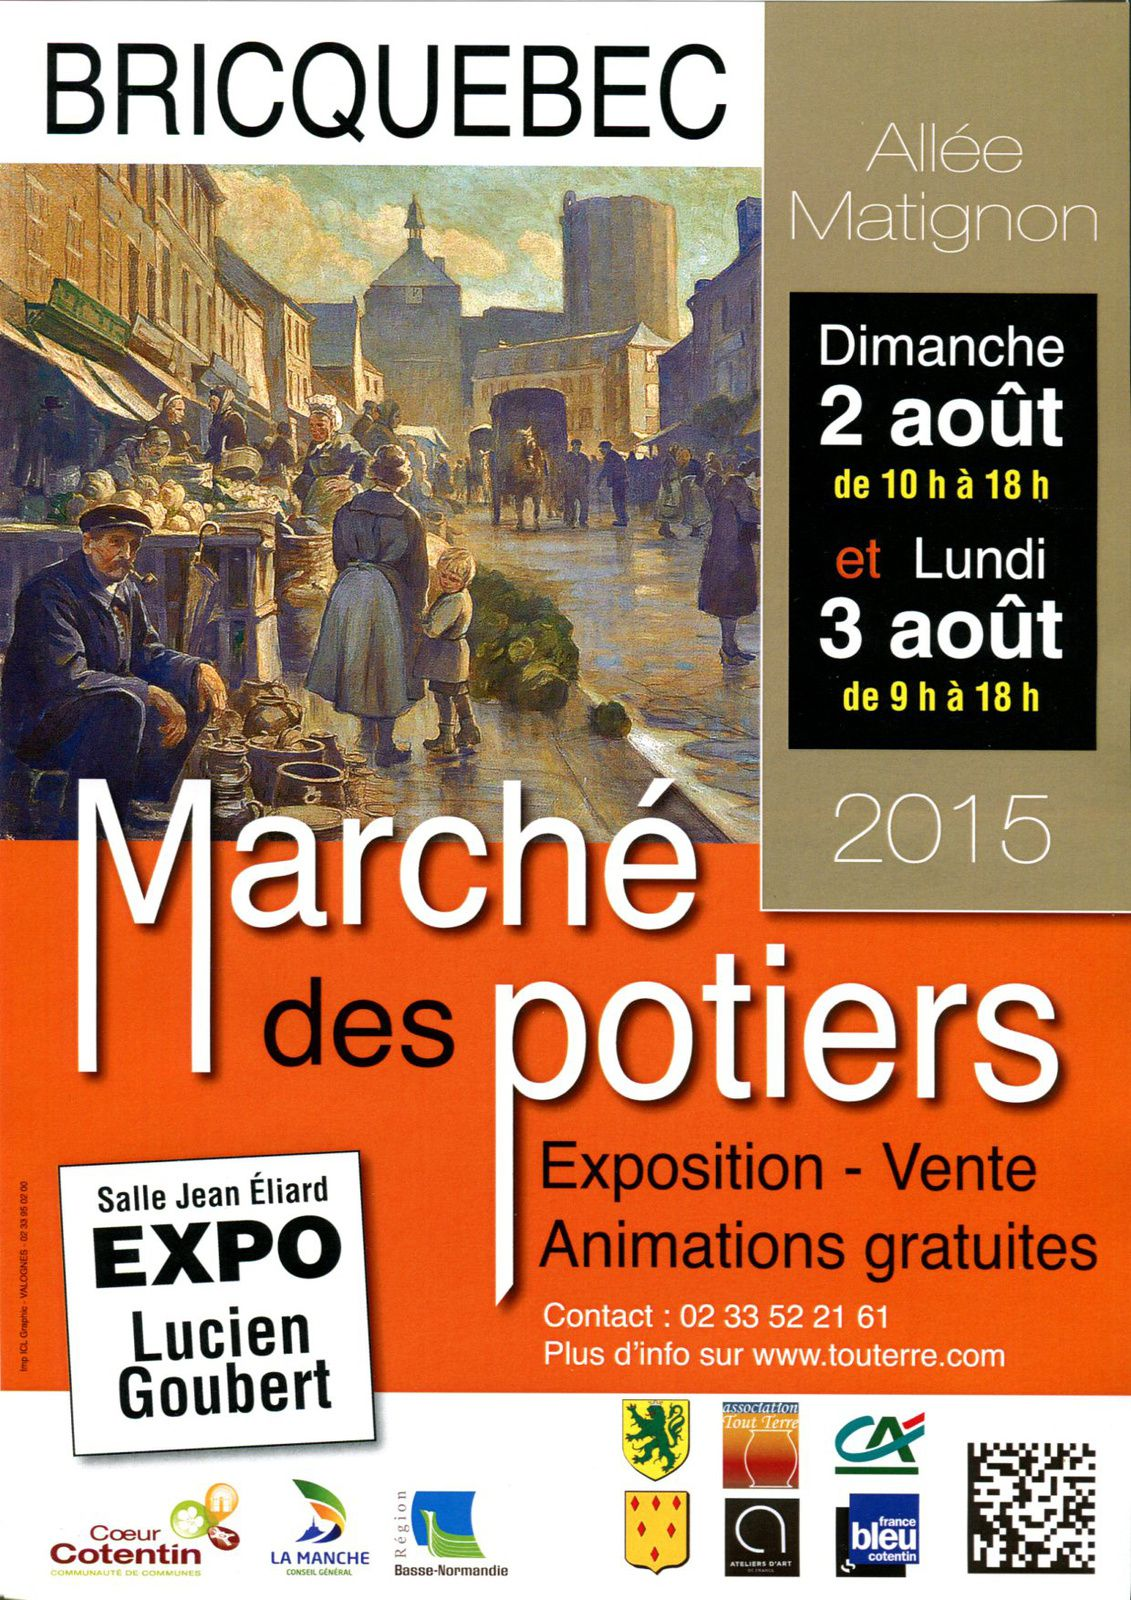 """Un """"Marché des potiers"""" à Bricquebec (Manche), 2 et 3 août 2015"""